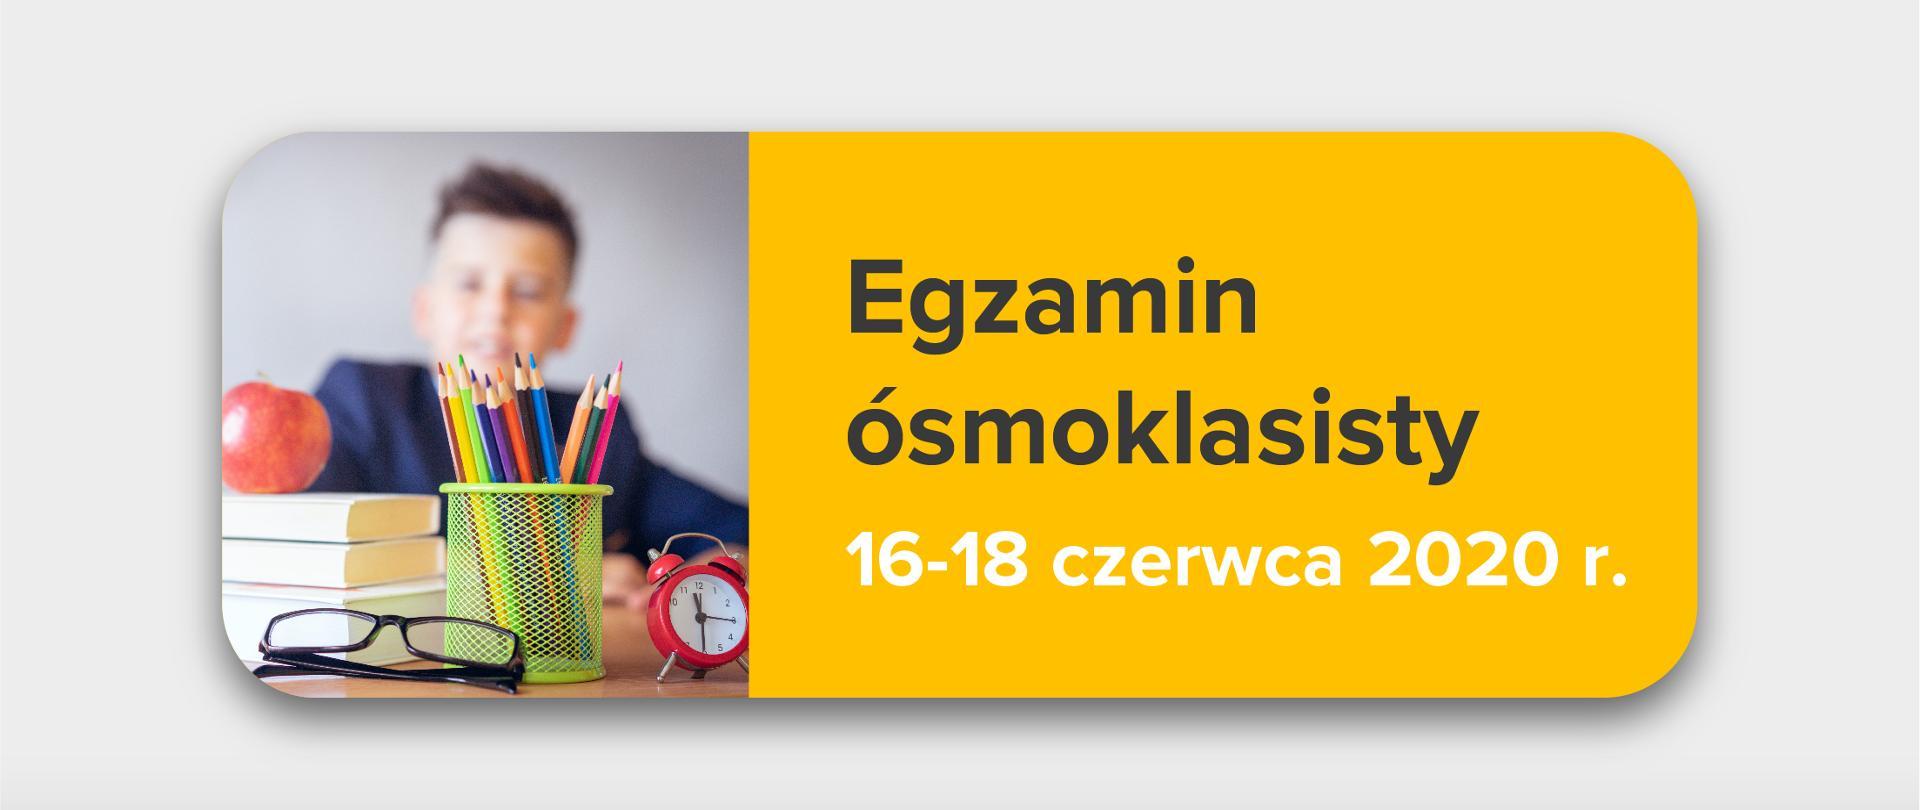 """Jasnoszare tło, zdjęcie przyborów szkolnych po lewo, tekst po prawej stronie na żółtym tle:""""Egzamin ósmoklasisty 16-18 czerwca 2020 r."""""""